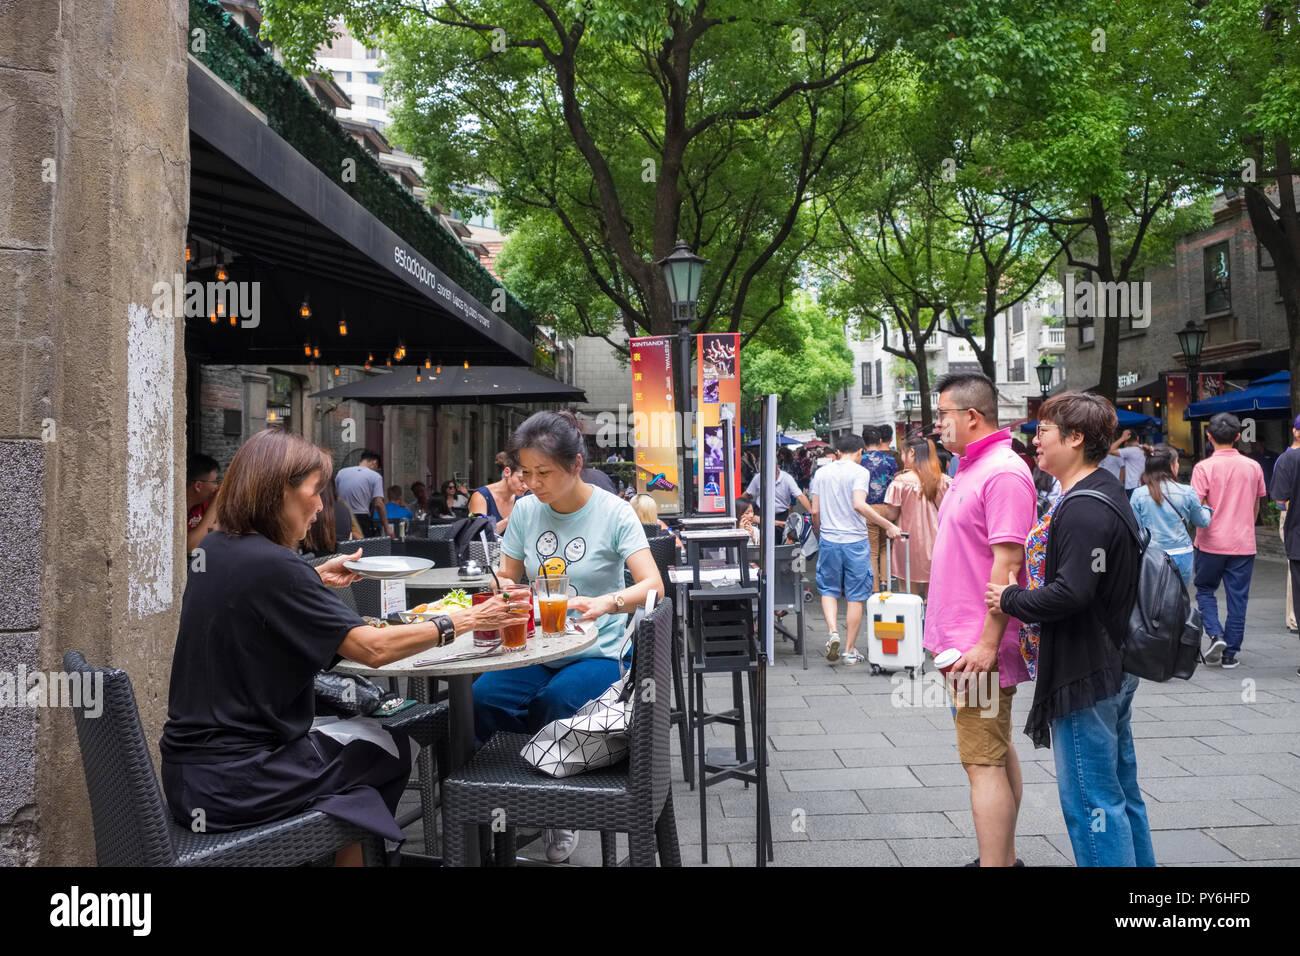 Café Restaurant de la chaussée dans le développement de Xintiandi l'ancienne Concession Française, Shanghai, Chine, Asie Photo Stock